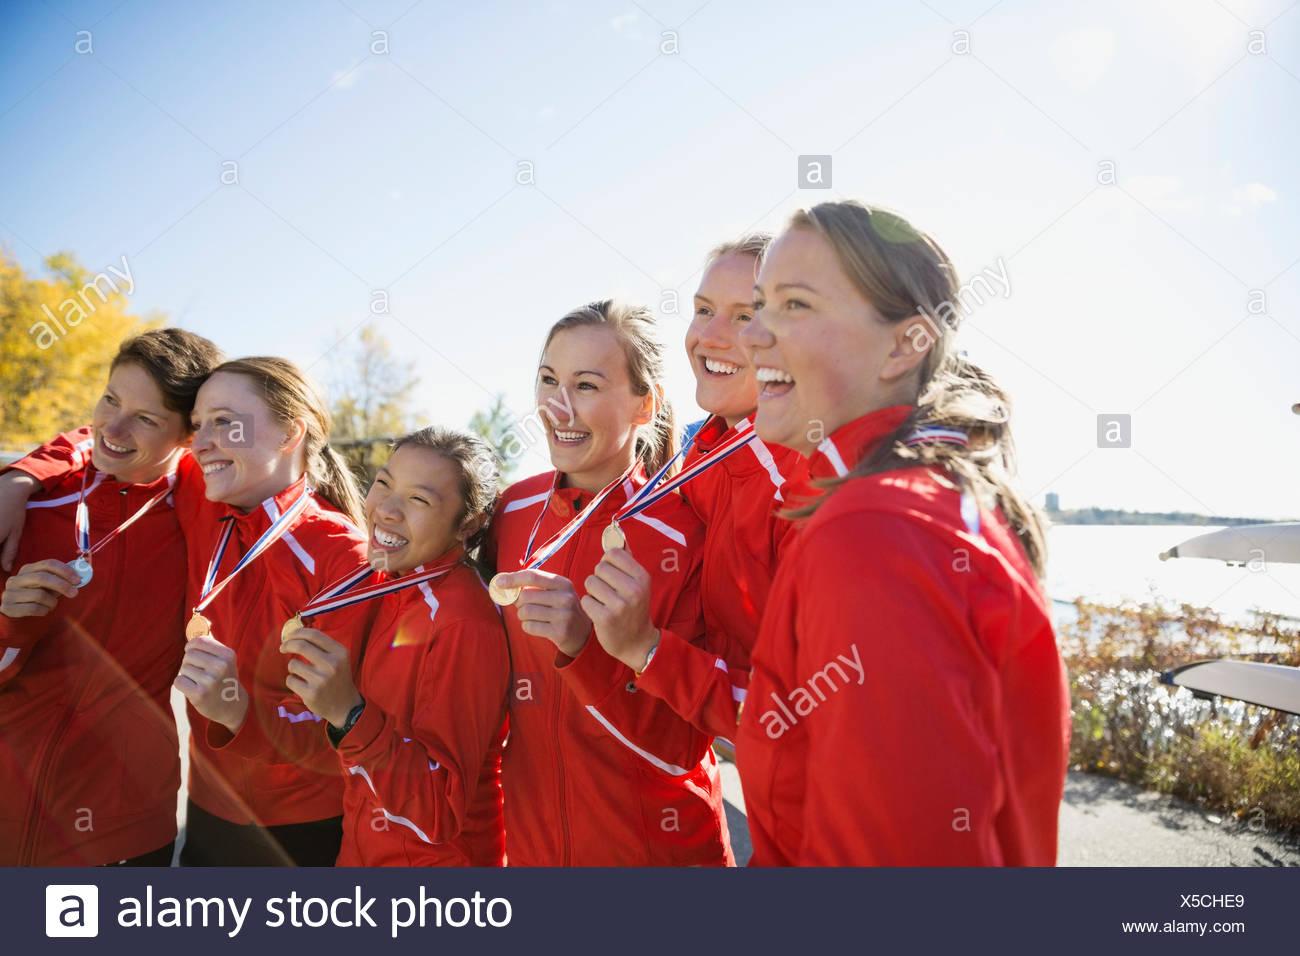 Equipo de remo con medallas celebrando Imagen De Stock